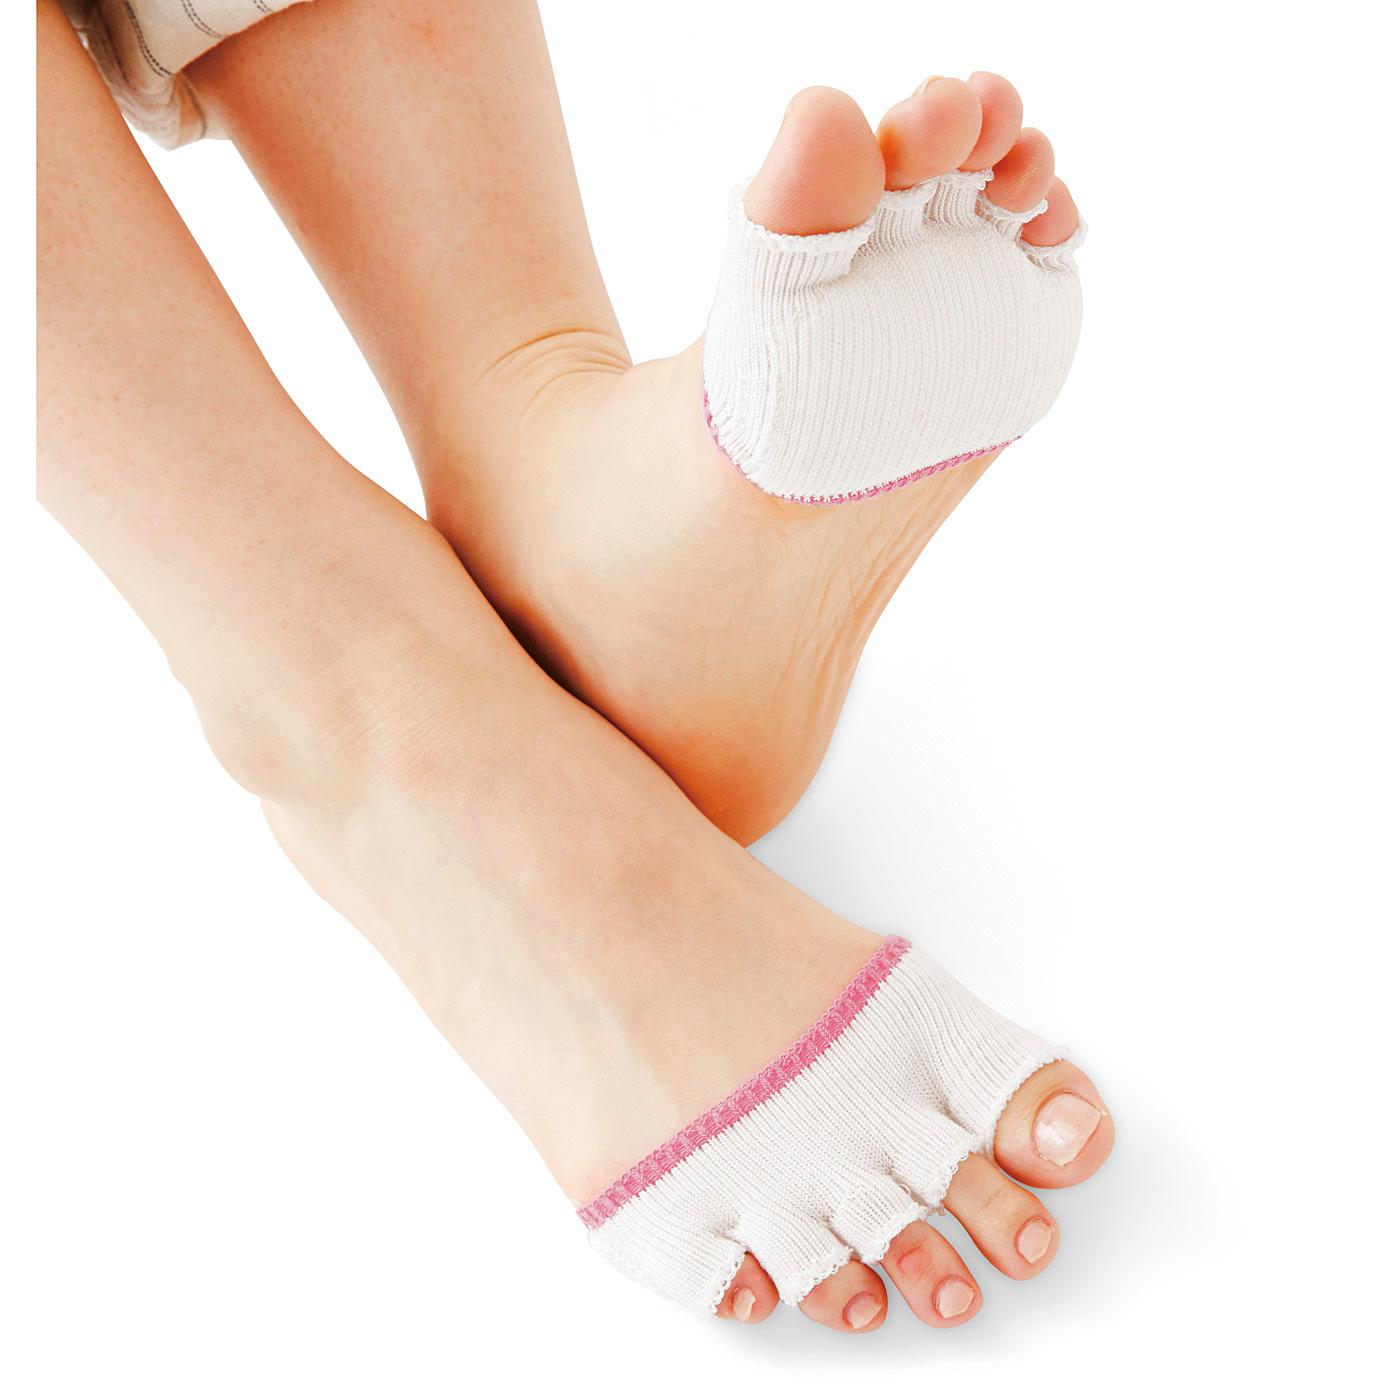 立体編みの足裏パッドで地面からの衝撃をやわらげます。汗ばんでむれがちな足指の間にぴったりフィットして汗を吸収。